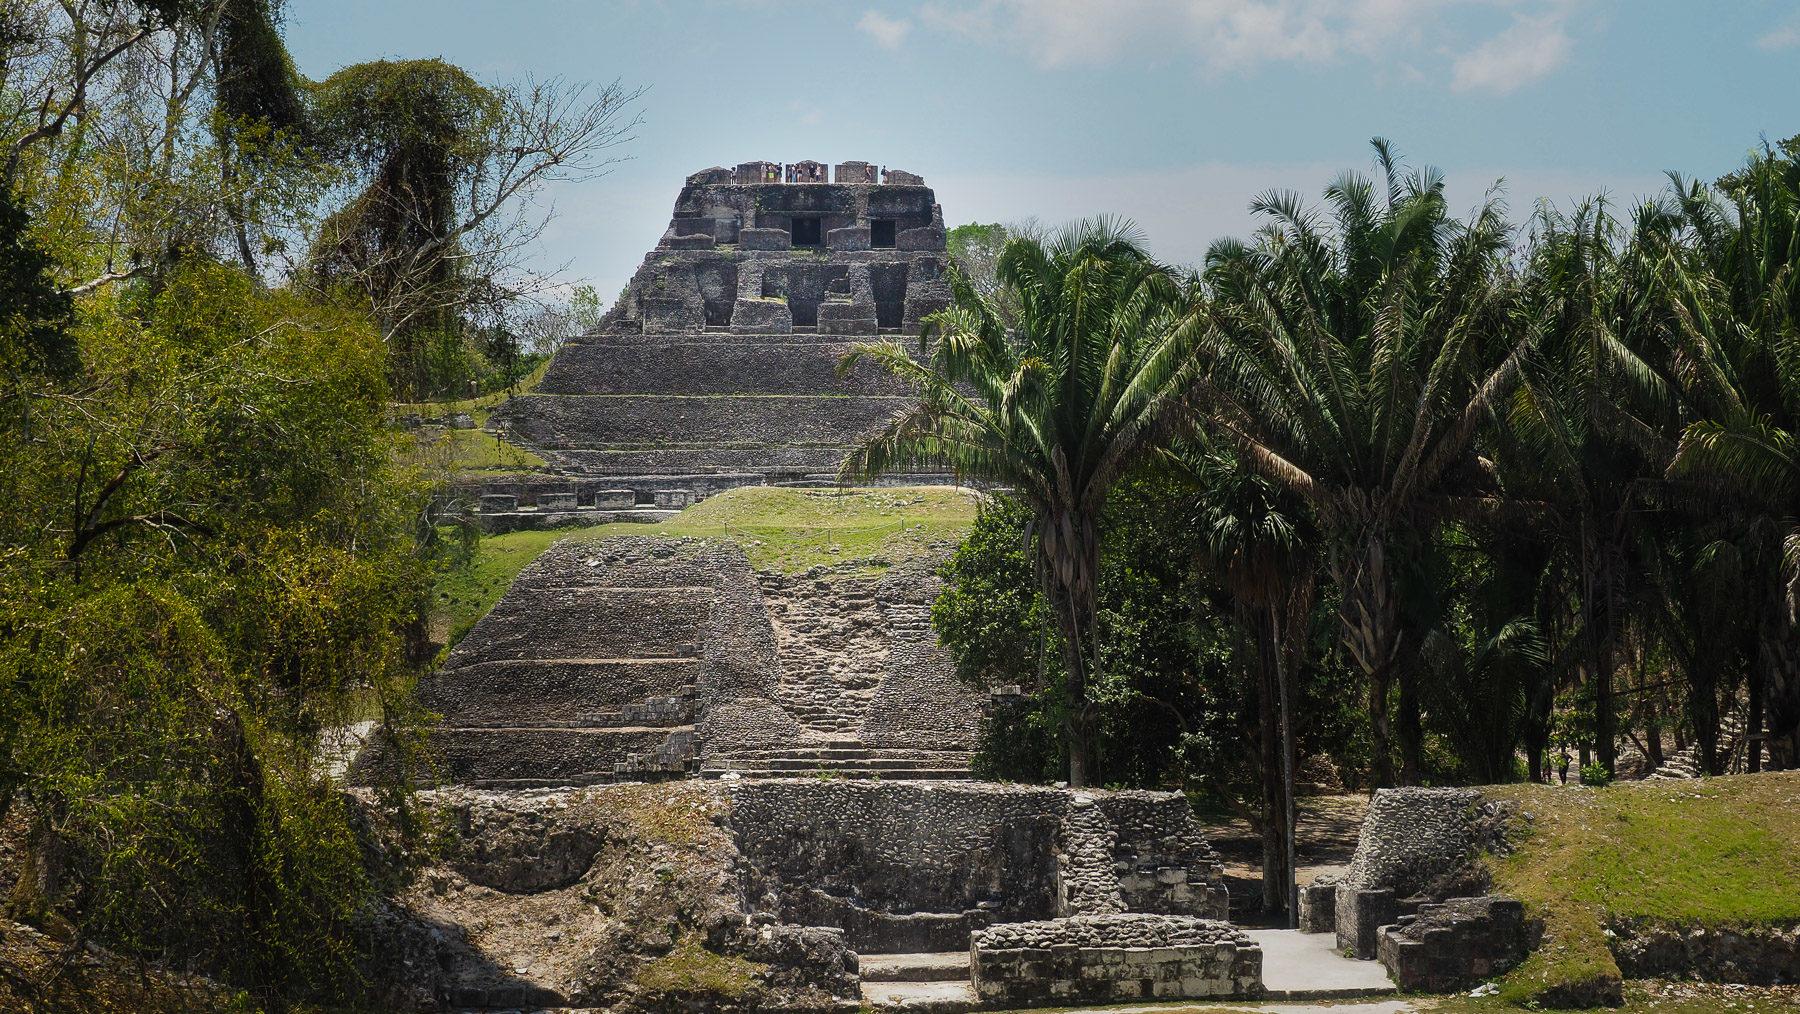 Zurück im Dschungel: Die Ruinen von Xunantunich